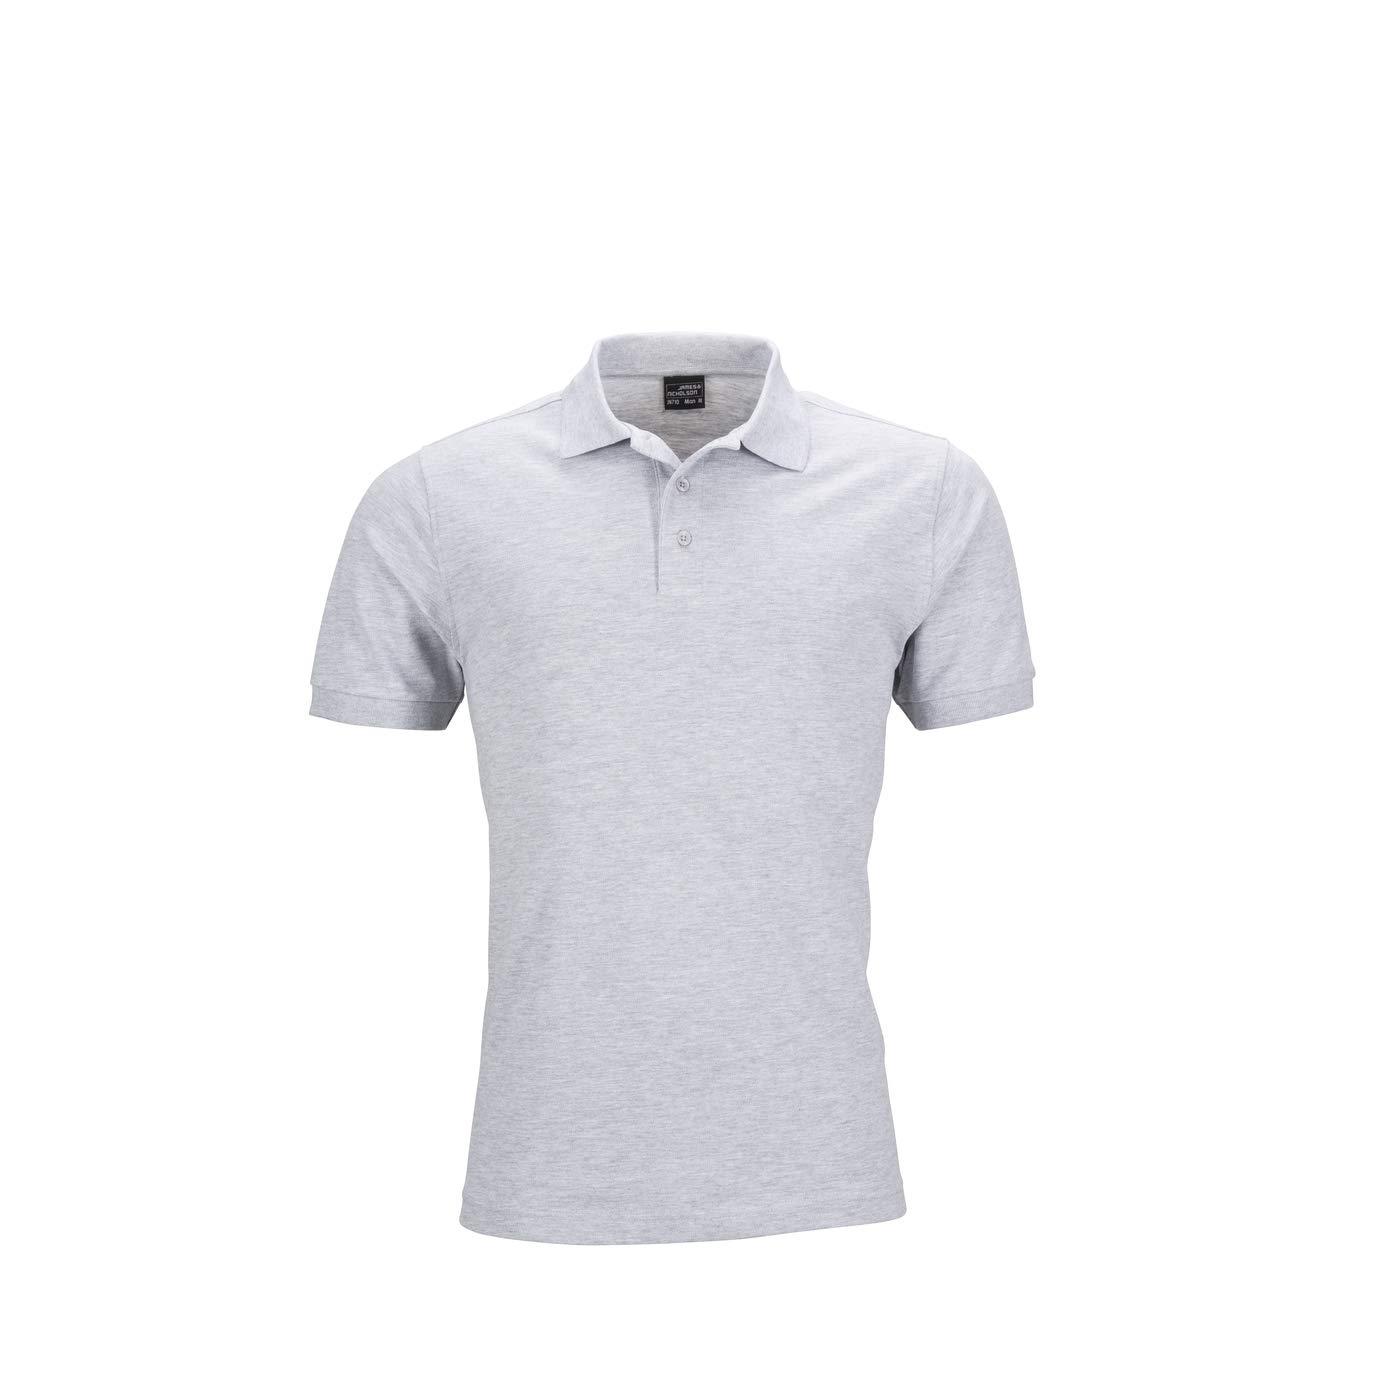 JAMES /& NICHOLSON Homme Tee-Shirt Technique Manches Longues pour Fitness et Sports